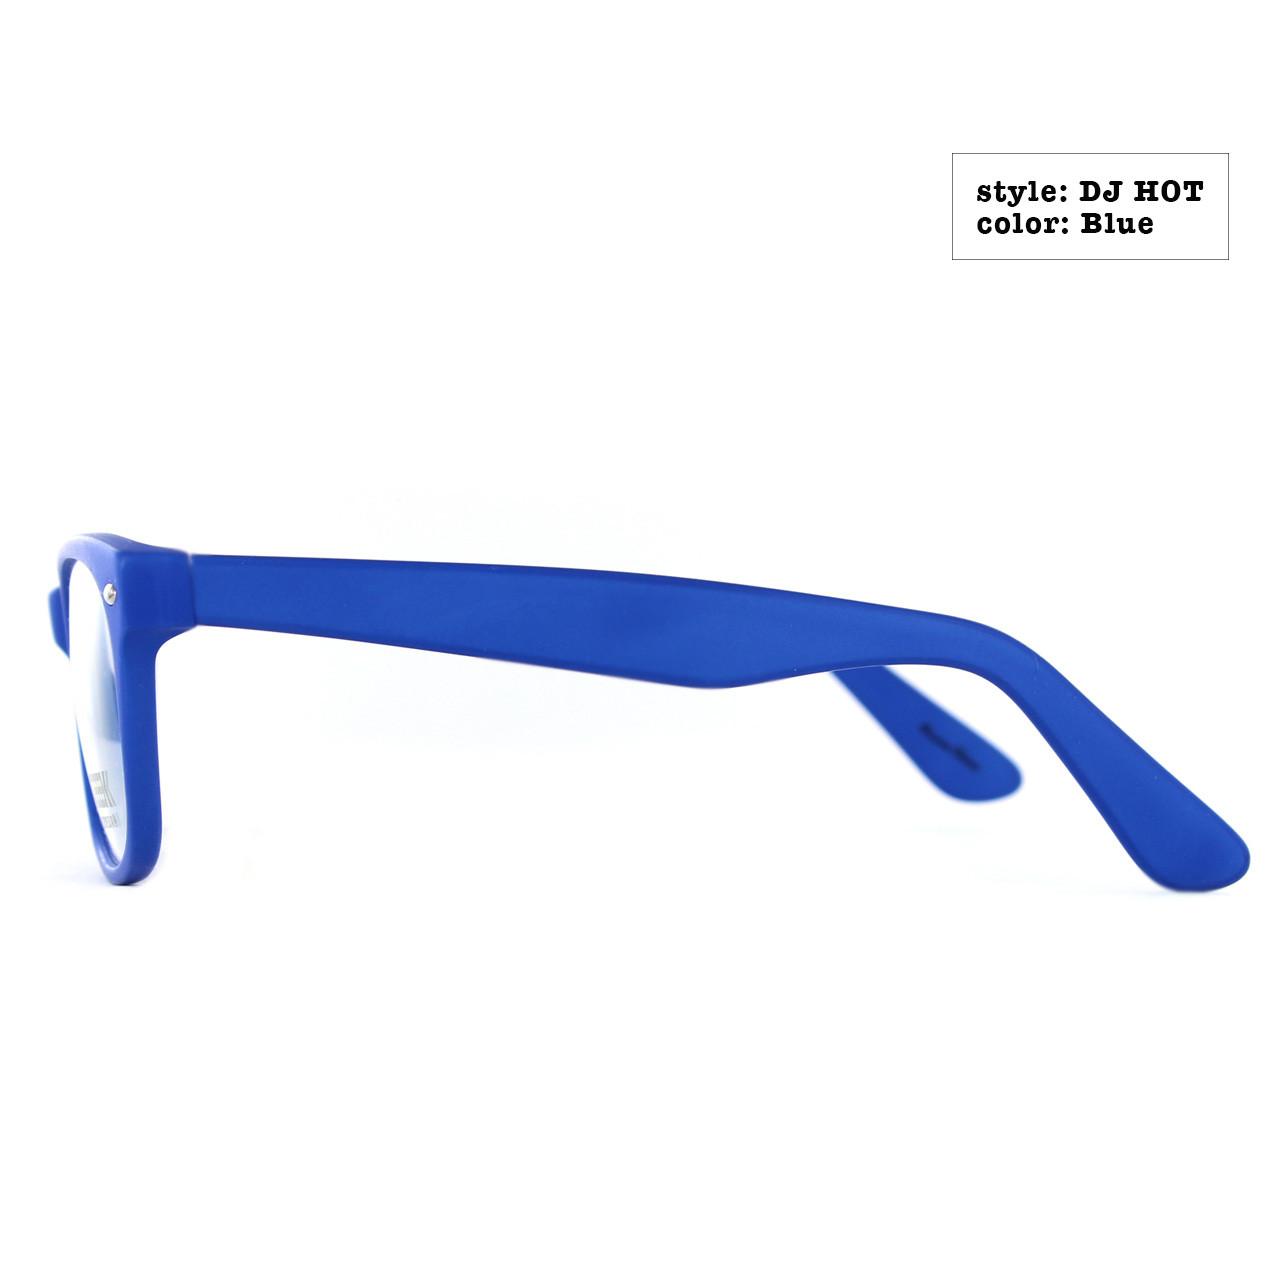 GEEK Eyewear GEEK DJ HOT